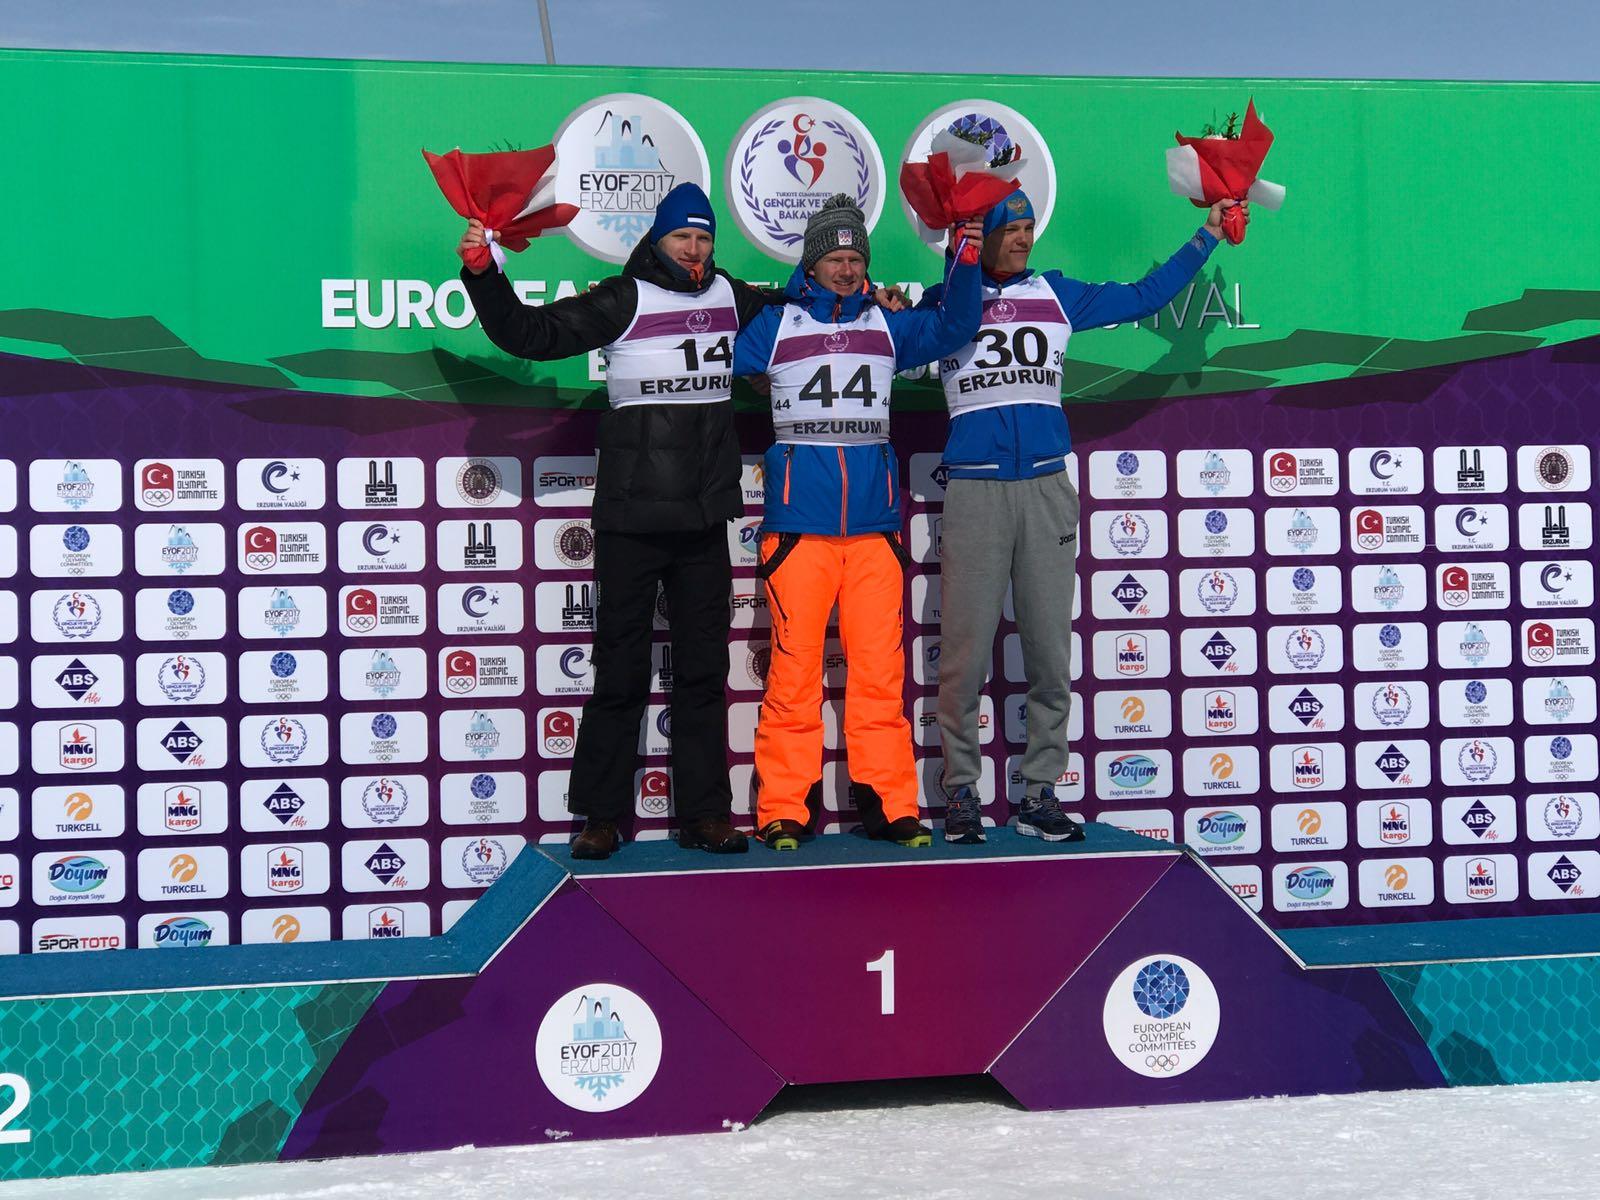 Palju õnne! Kristo Siimer võitis Euroopa noorte olümpiafestivalil hõbemedali